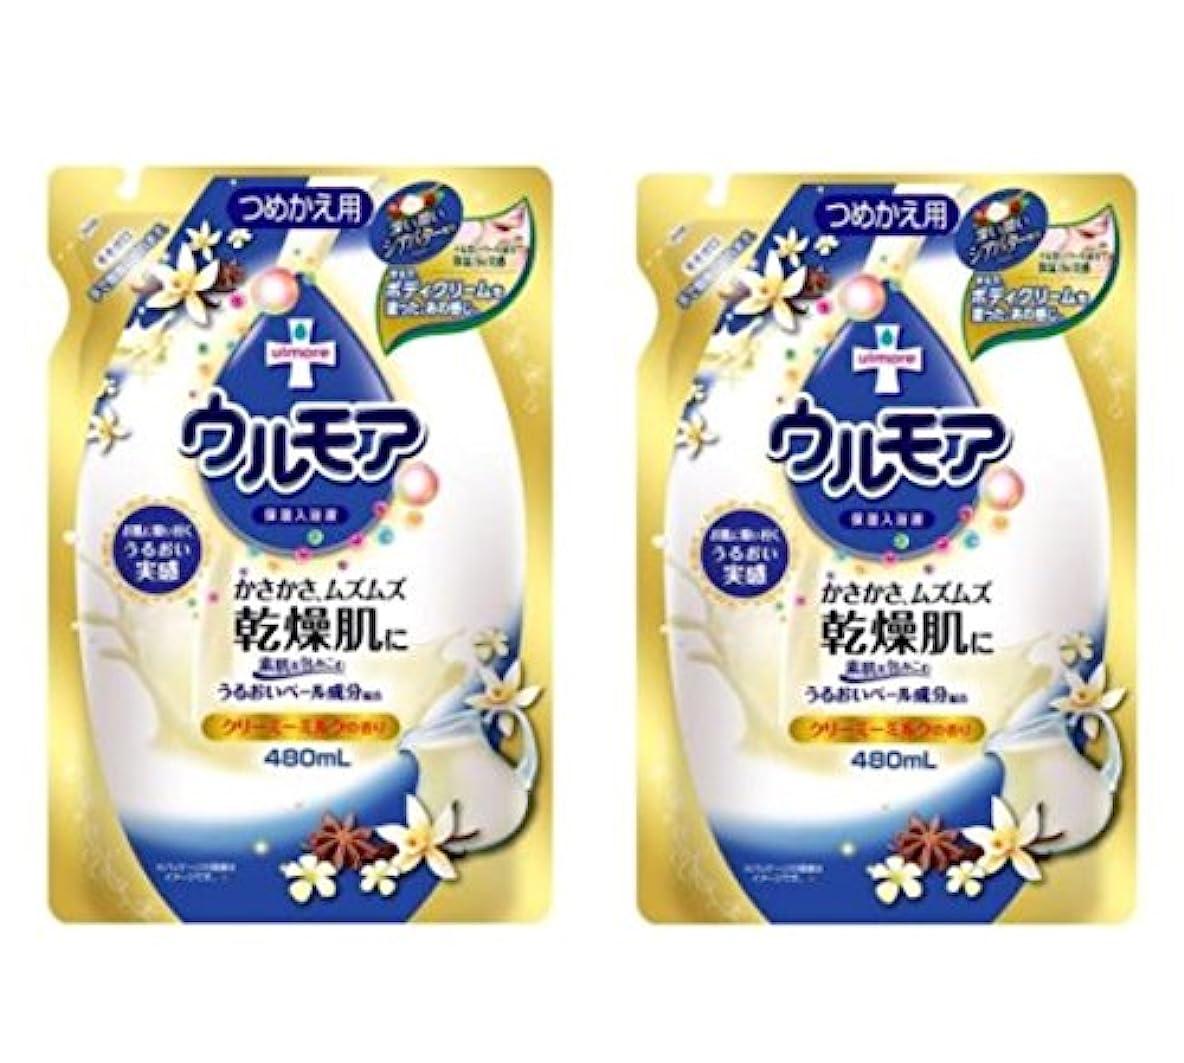 理論的病な不利益アース製薬 保湿入浴液 ウルモア クリーミーミルク詰替 480ml×2個セット